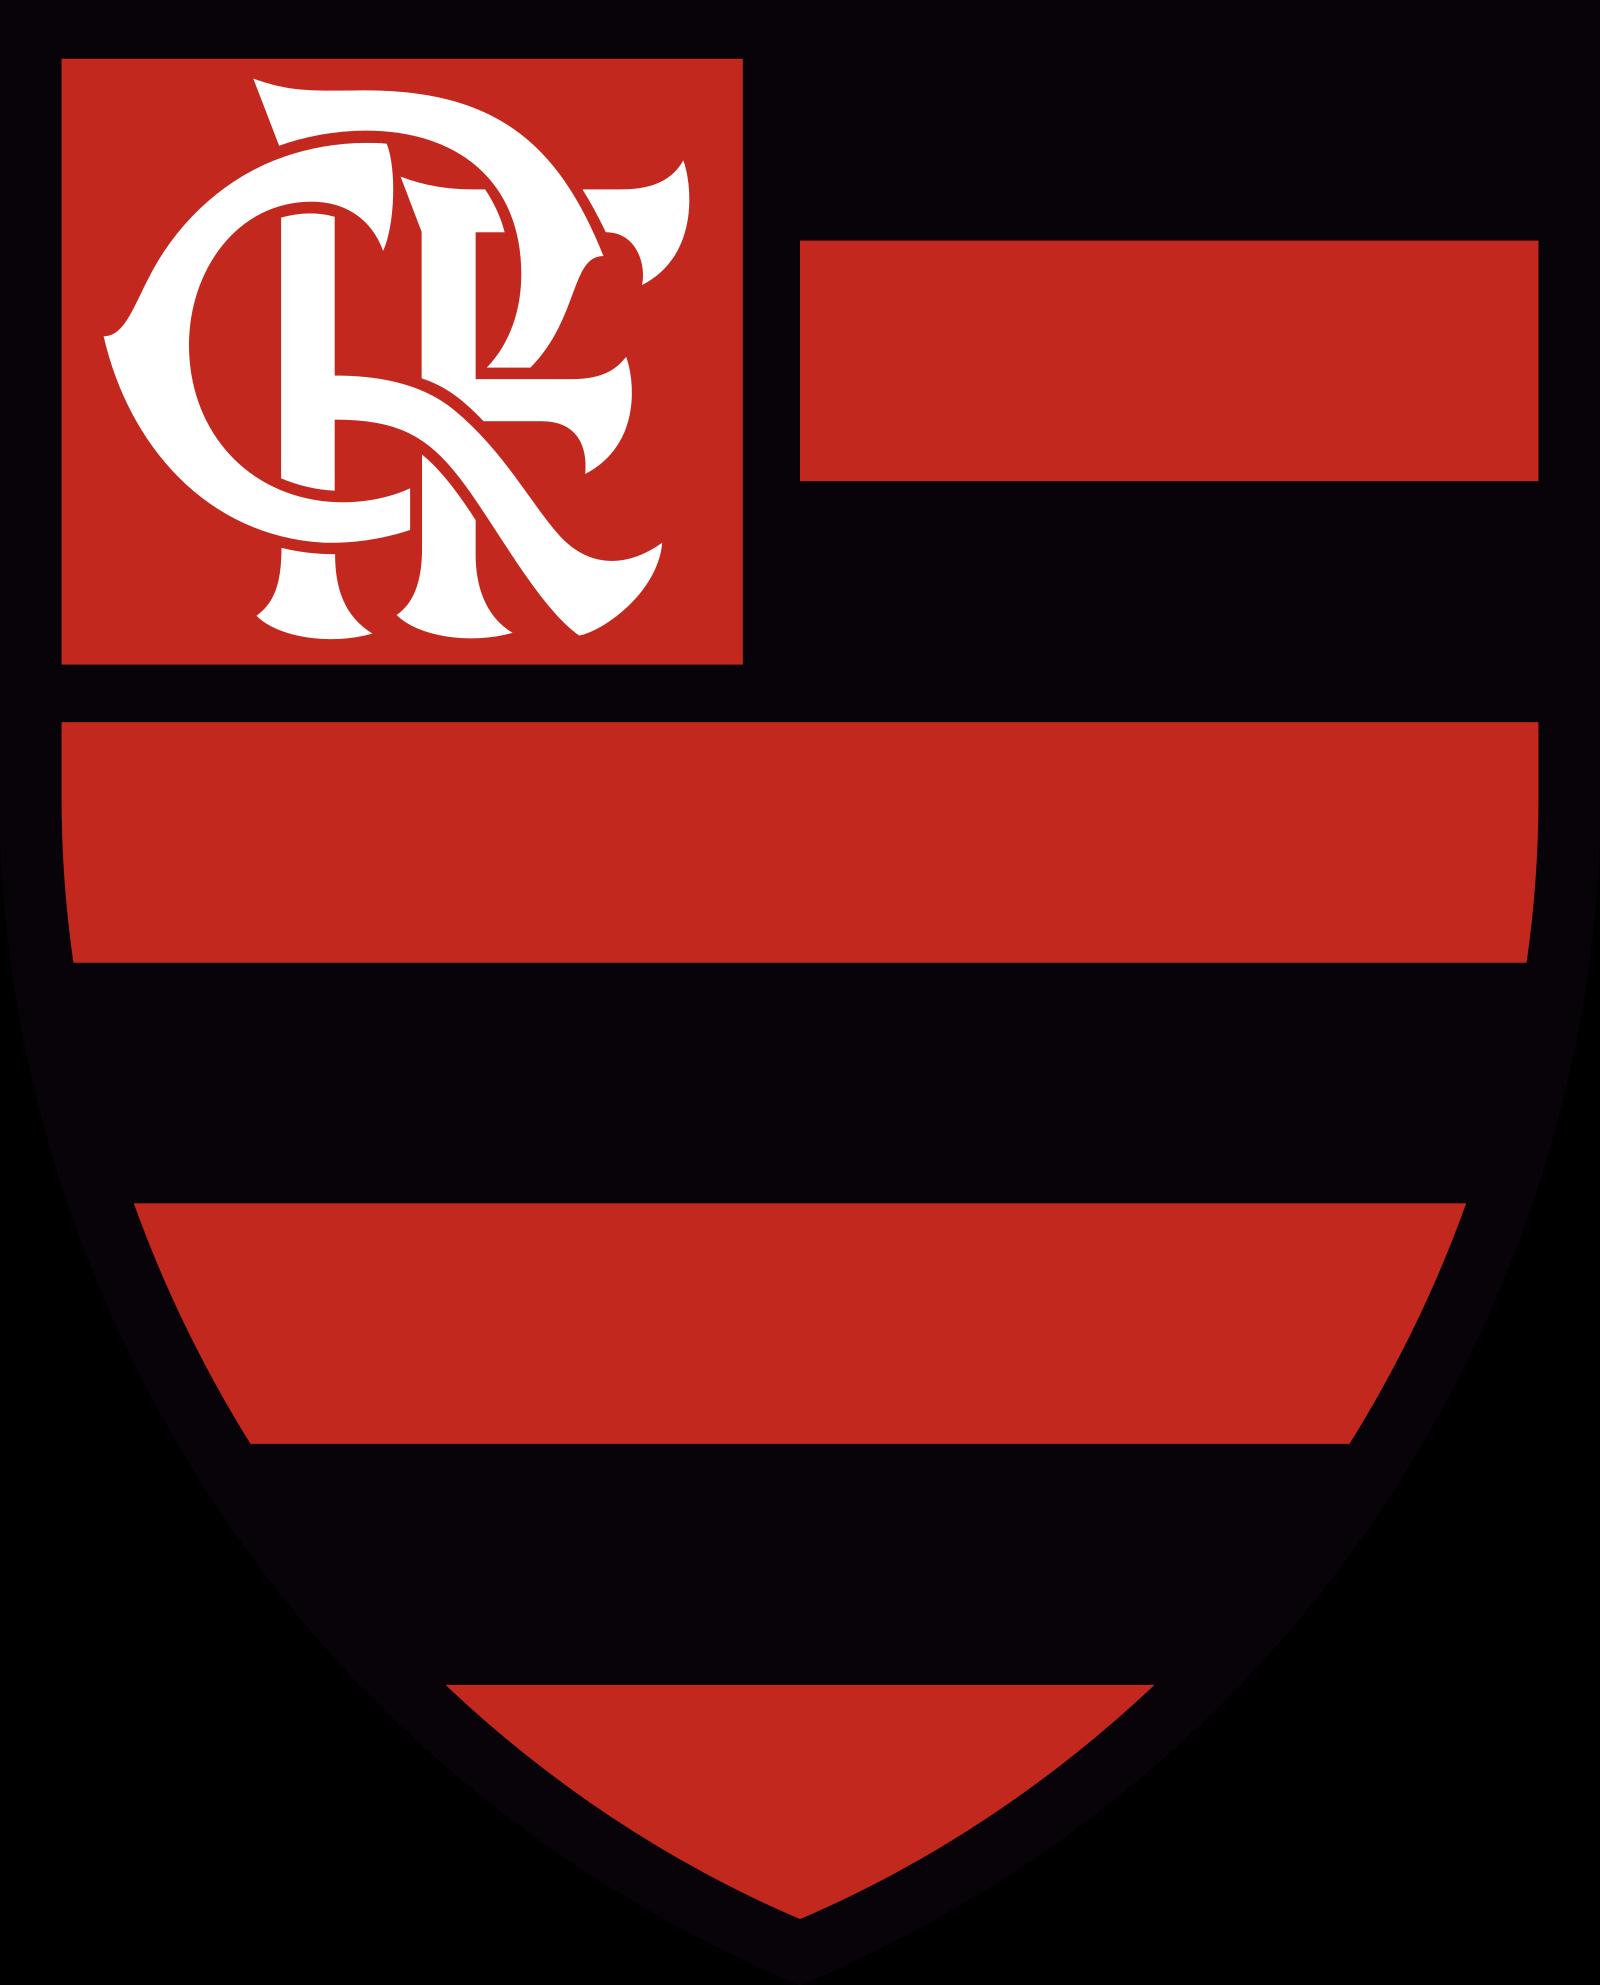 flamengo logo escudo novo 2 - Flamengo Logo